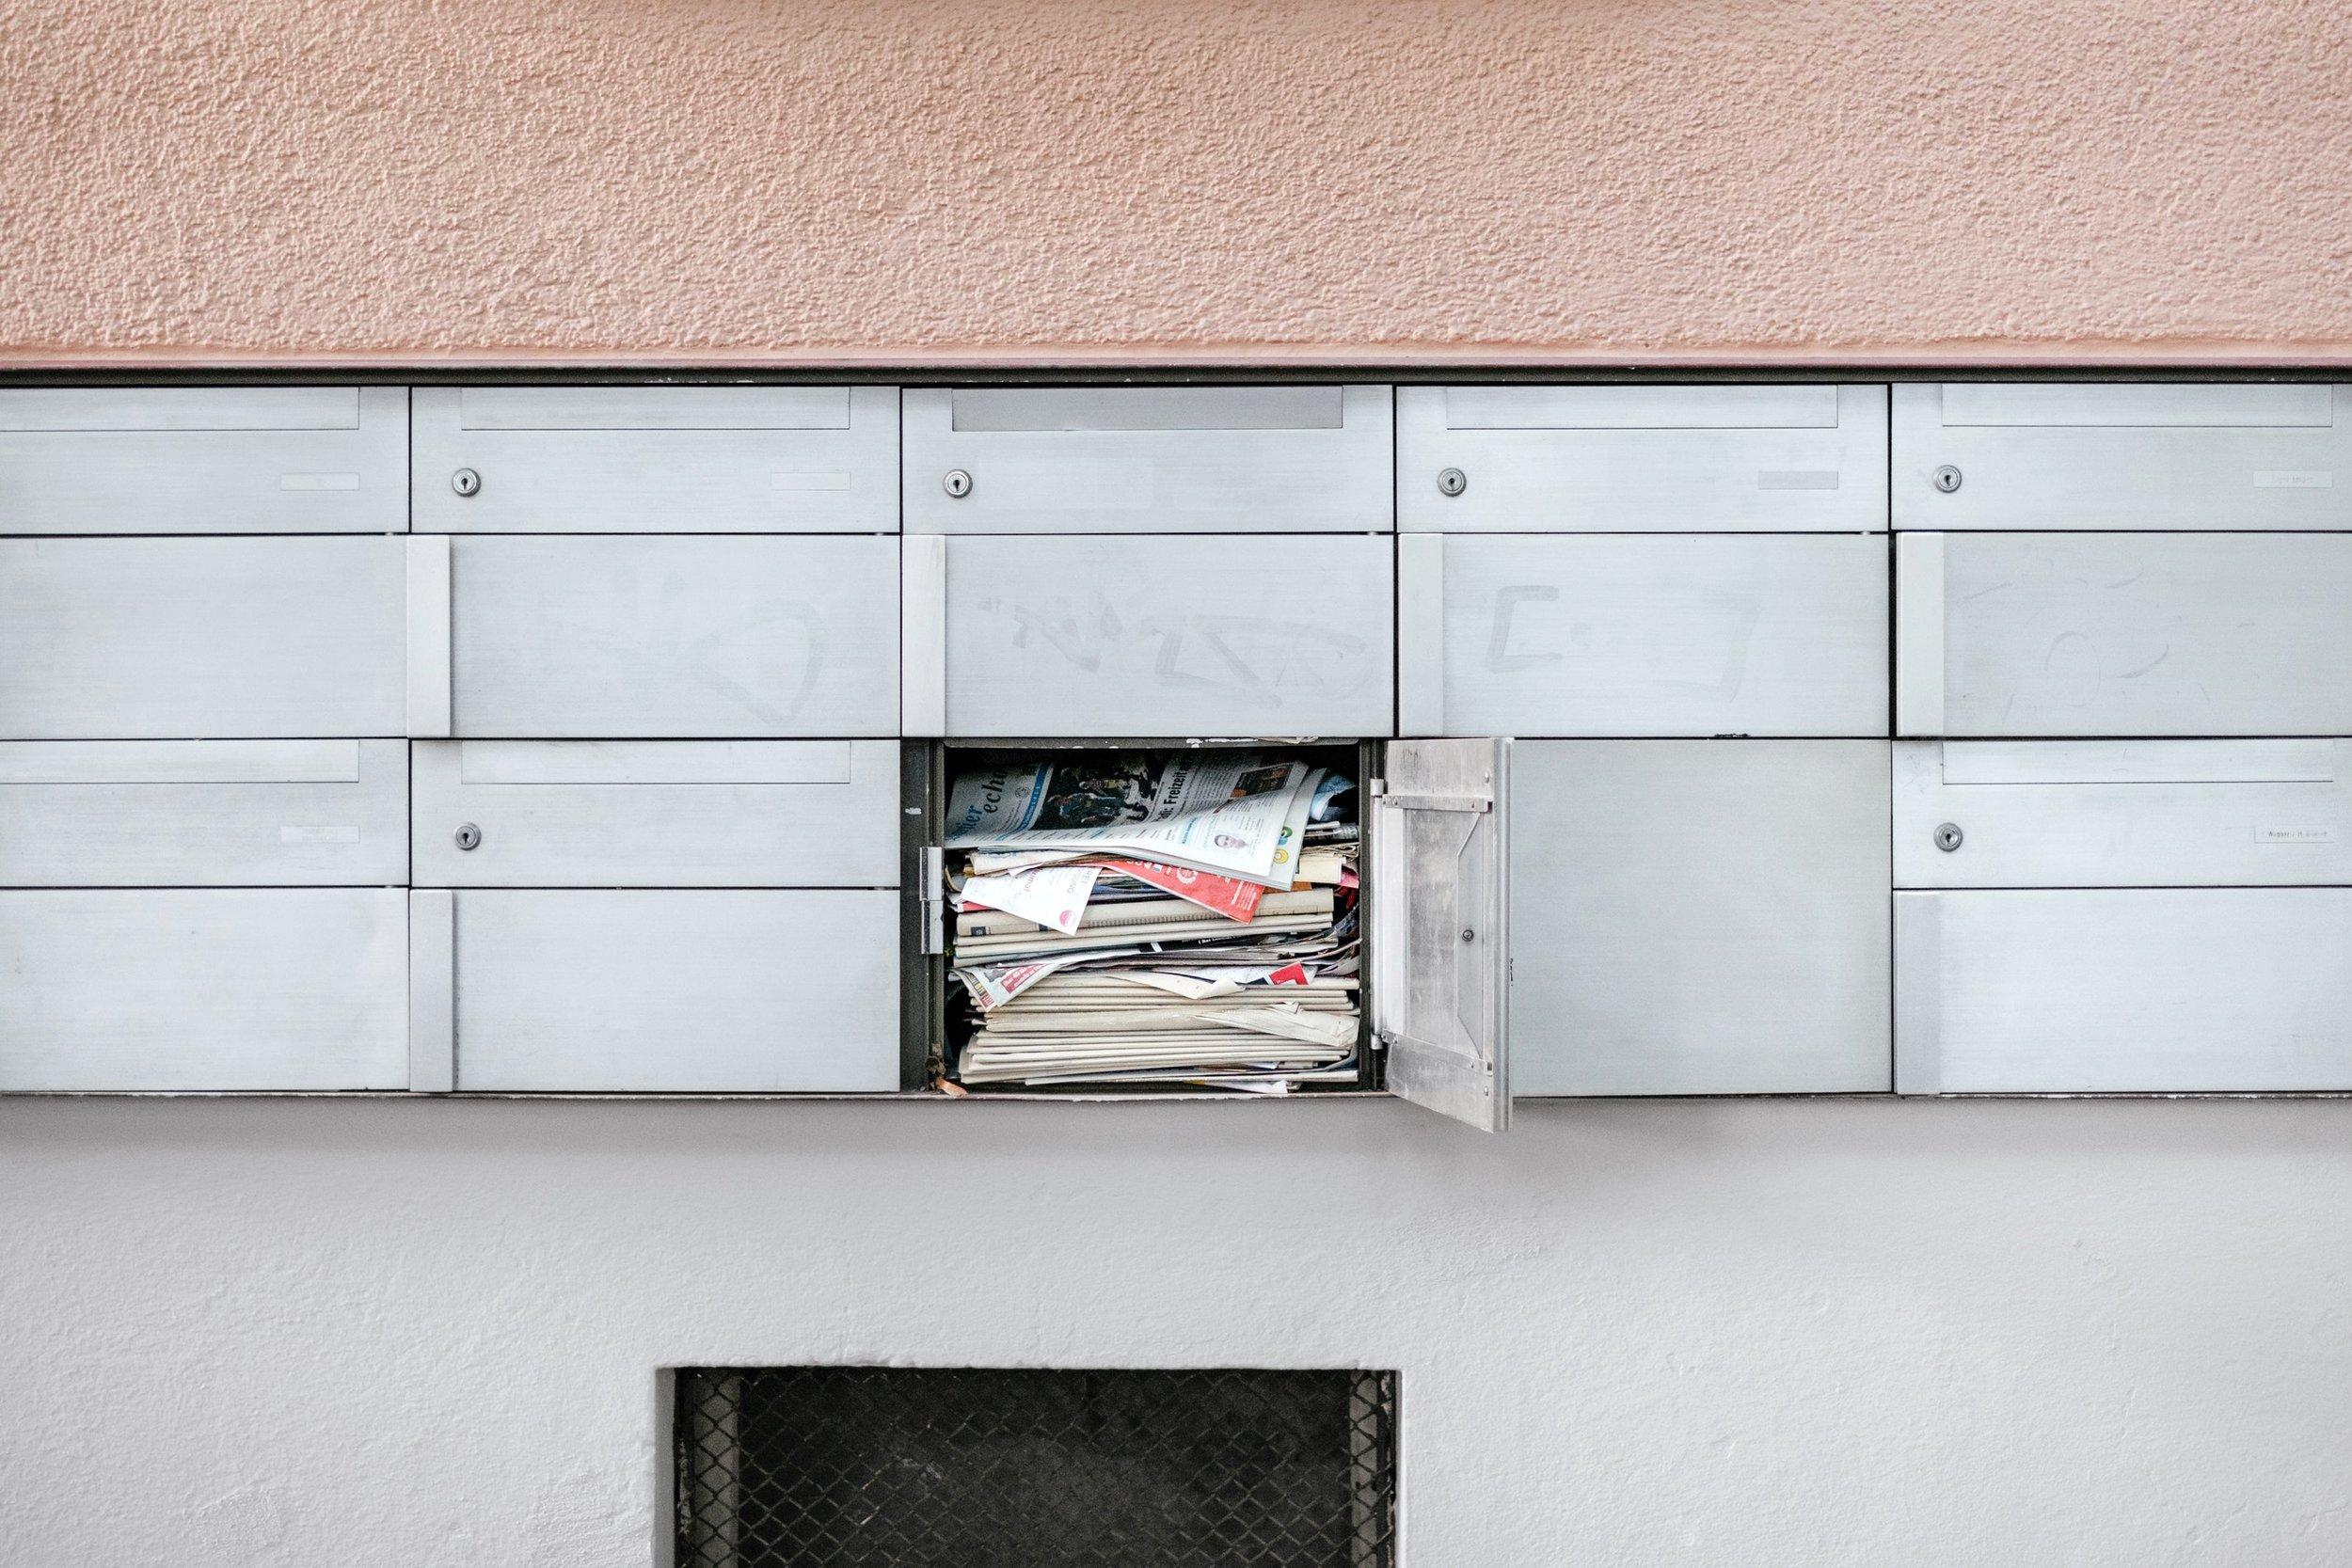 33 Kilogramm Werbung - werden Dir jedes Jahr in Deinen Briefkasten geworfen.  Dabei erhalten 76% nur ungerne Werbepost.